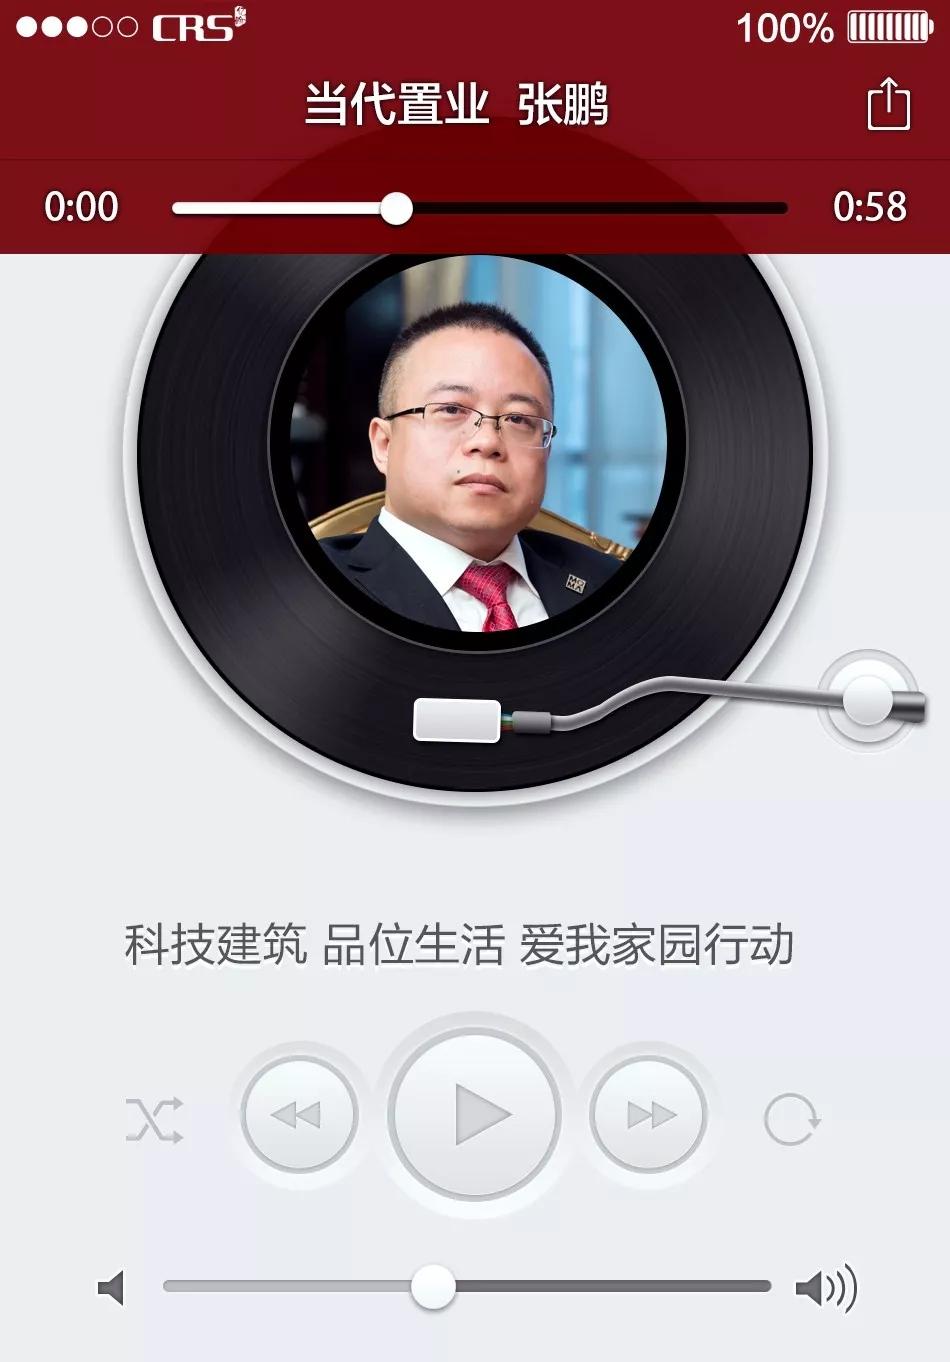 当代置业张鹏 : 美好生活 原绿绽蓝 与亿翰聚力前行-中国网地产